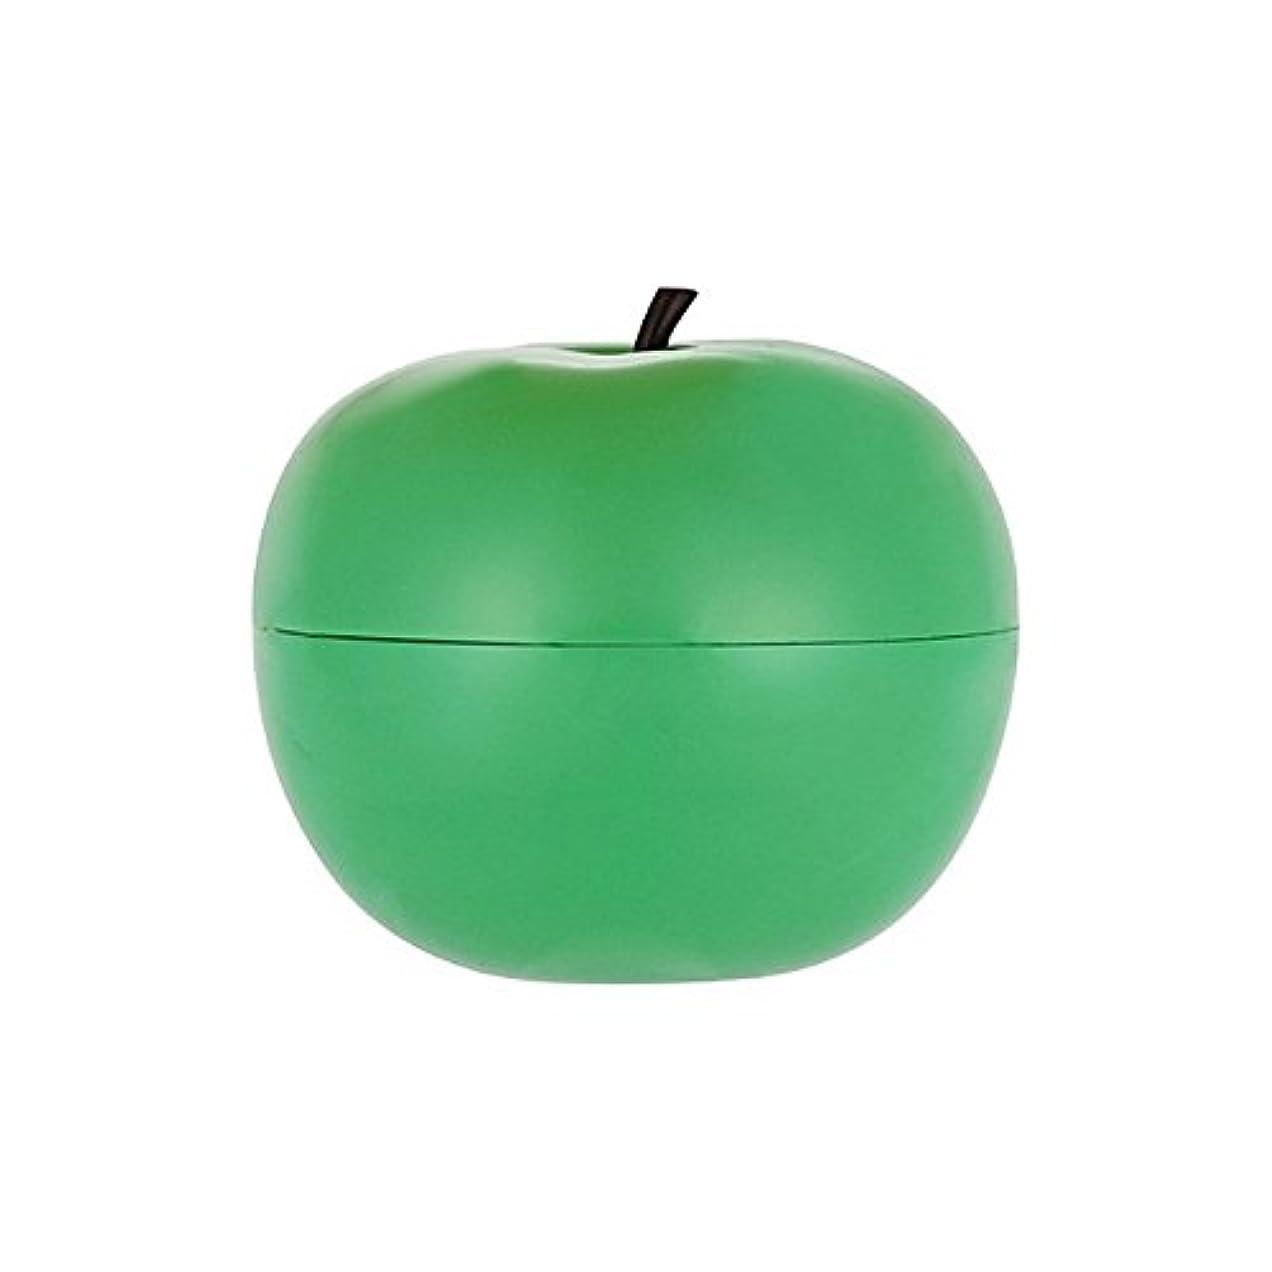 熱帯のオーロック前進トニーモリースムーズマッサージピーリングクリーム80グラム x2 - Tony Moly Appletox Smooth Massage Peeling Cream 80G (Pack of 2) [並行輸入品]